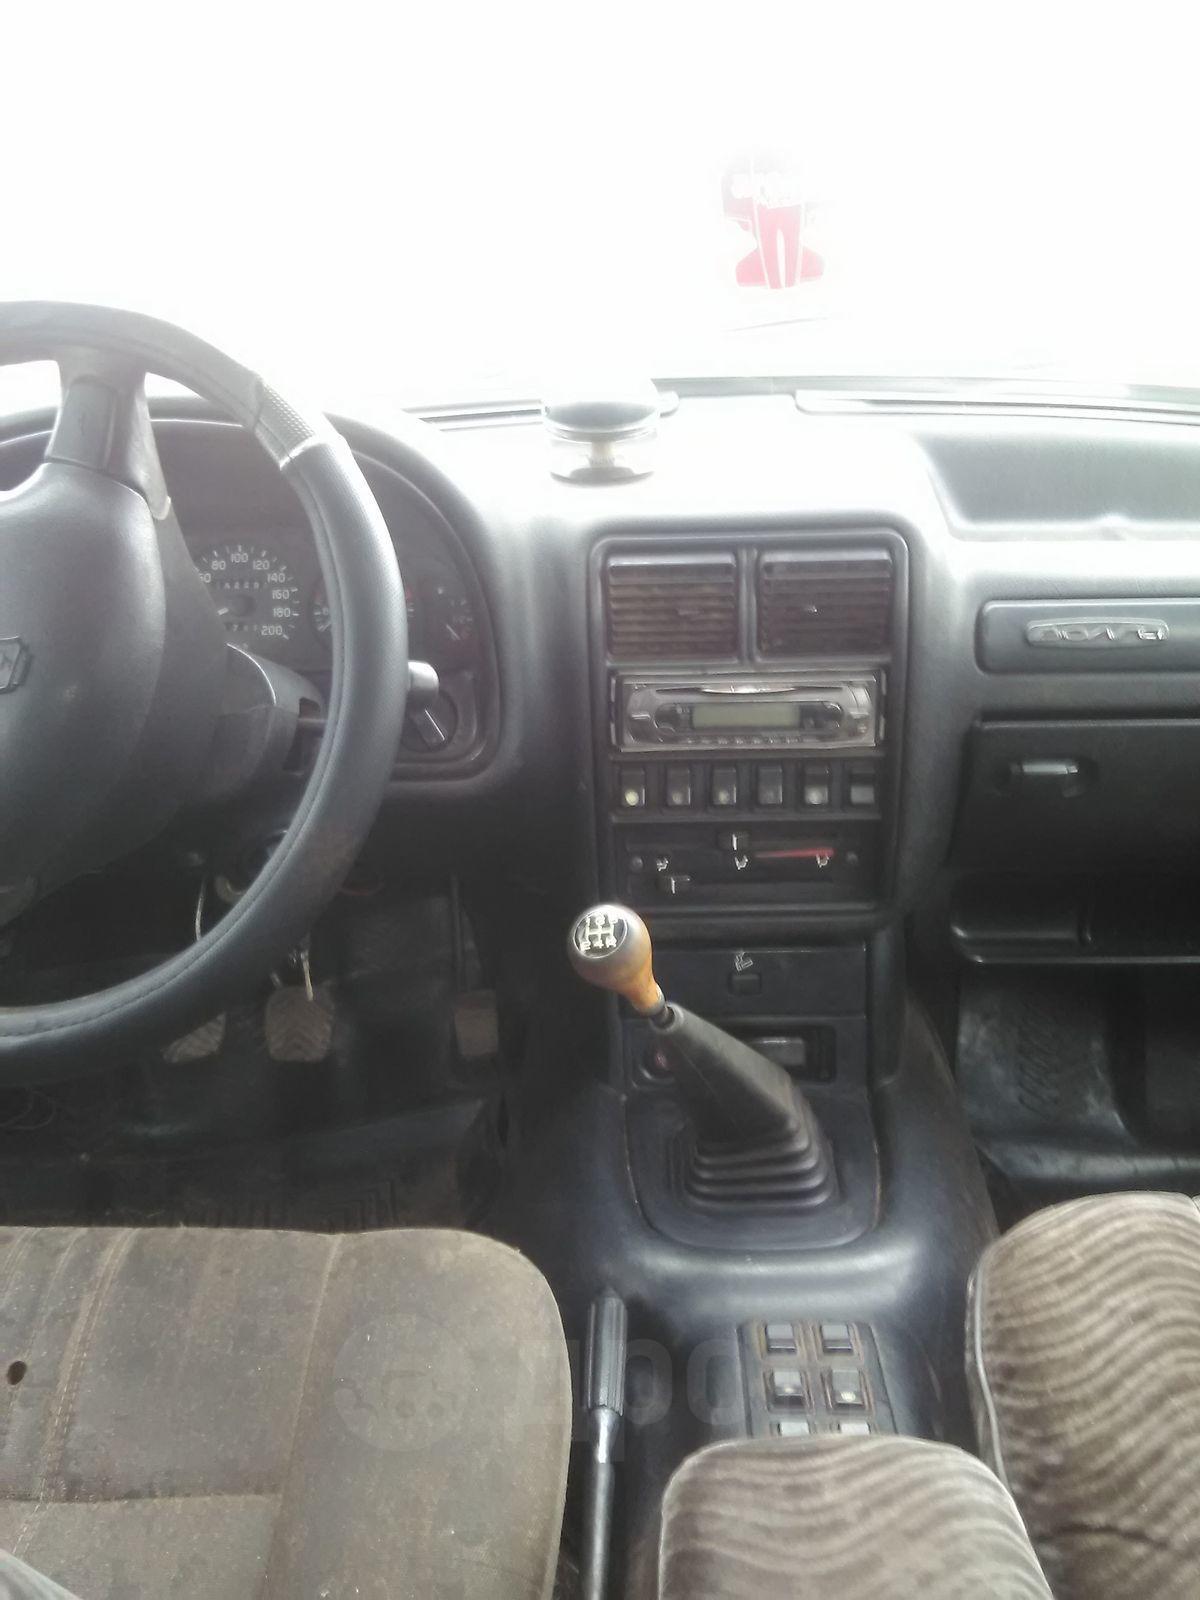 моховик фото авто